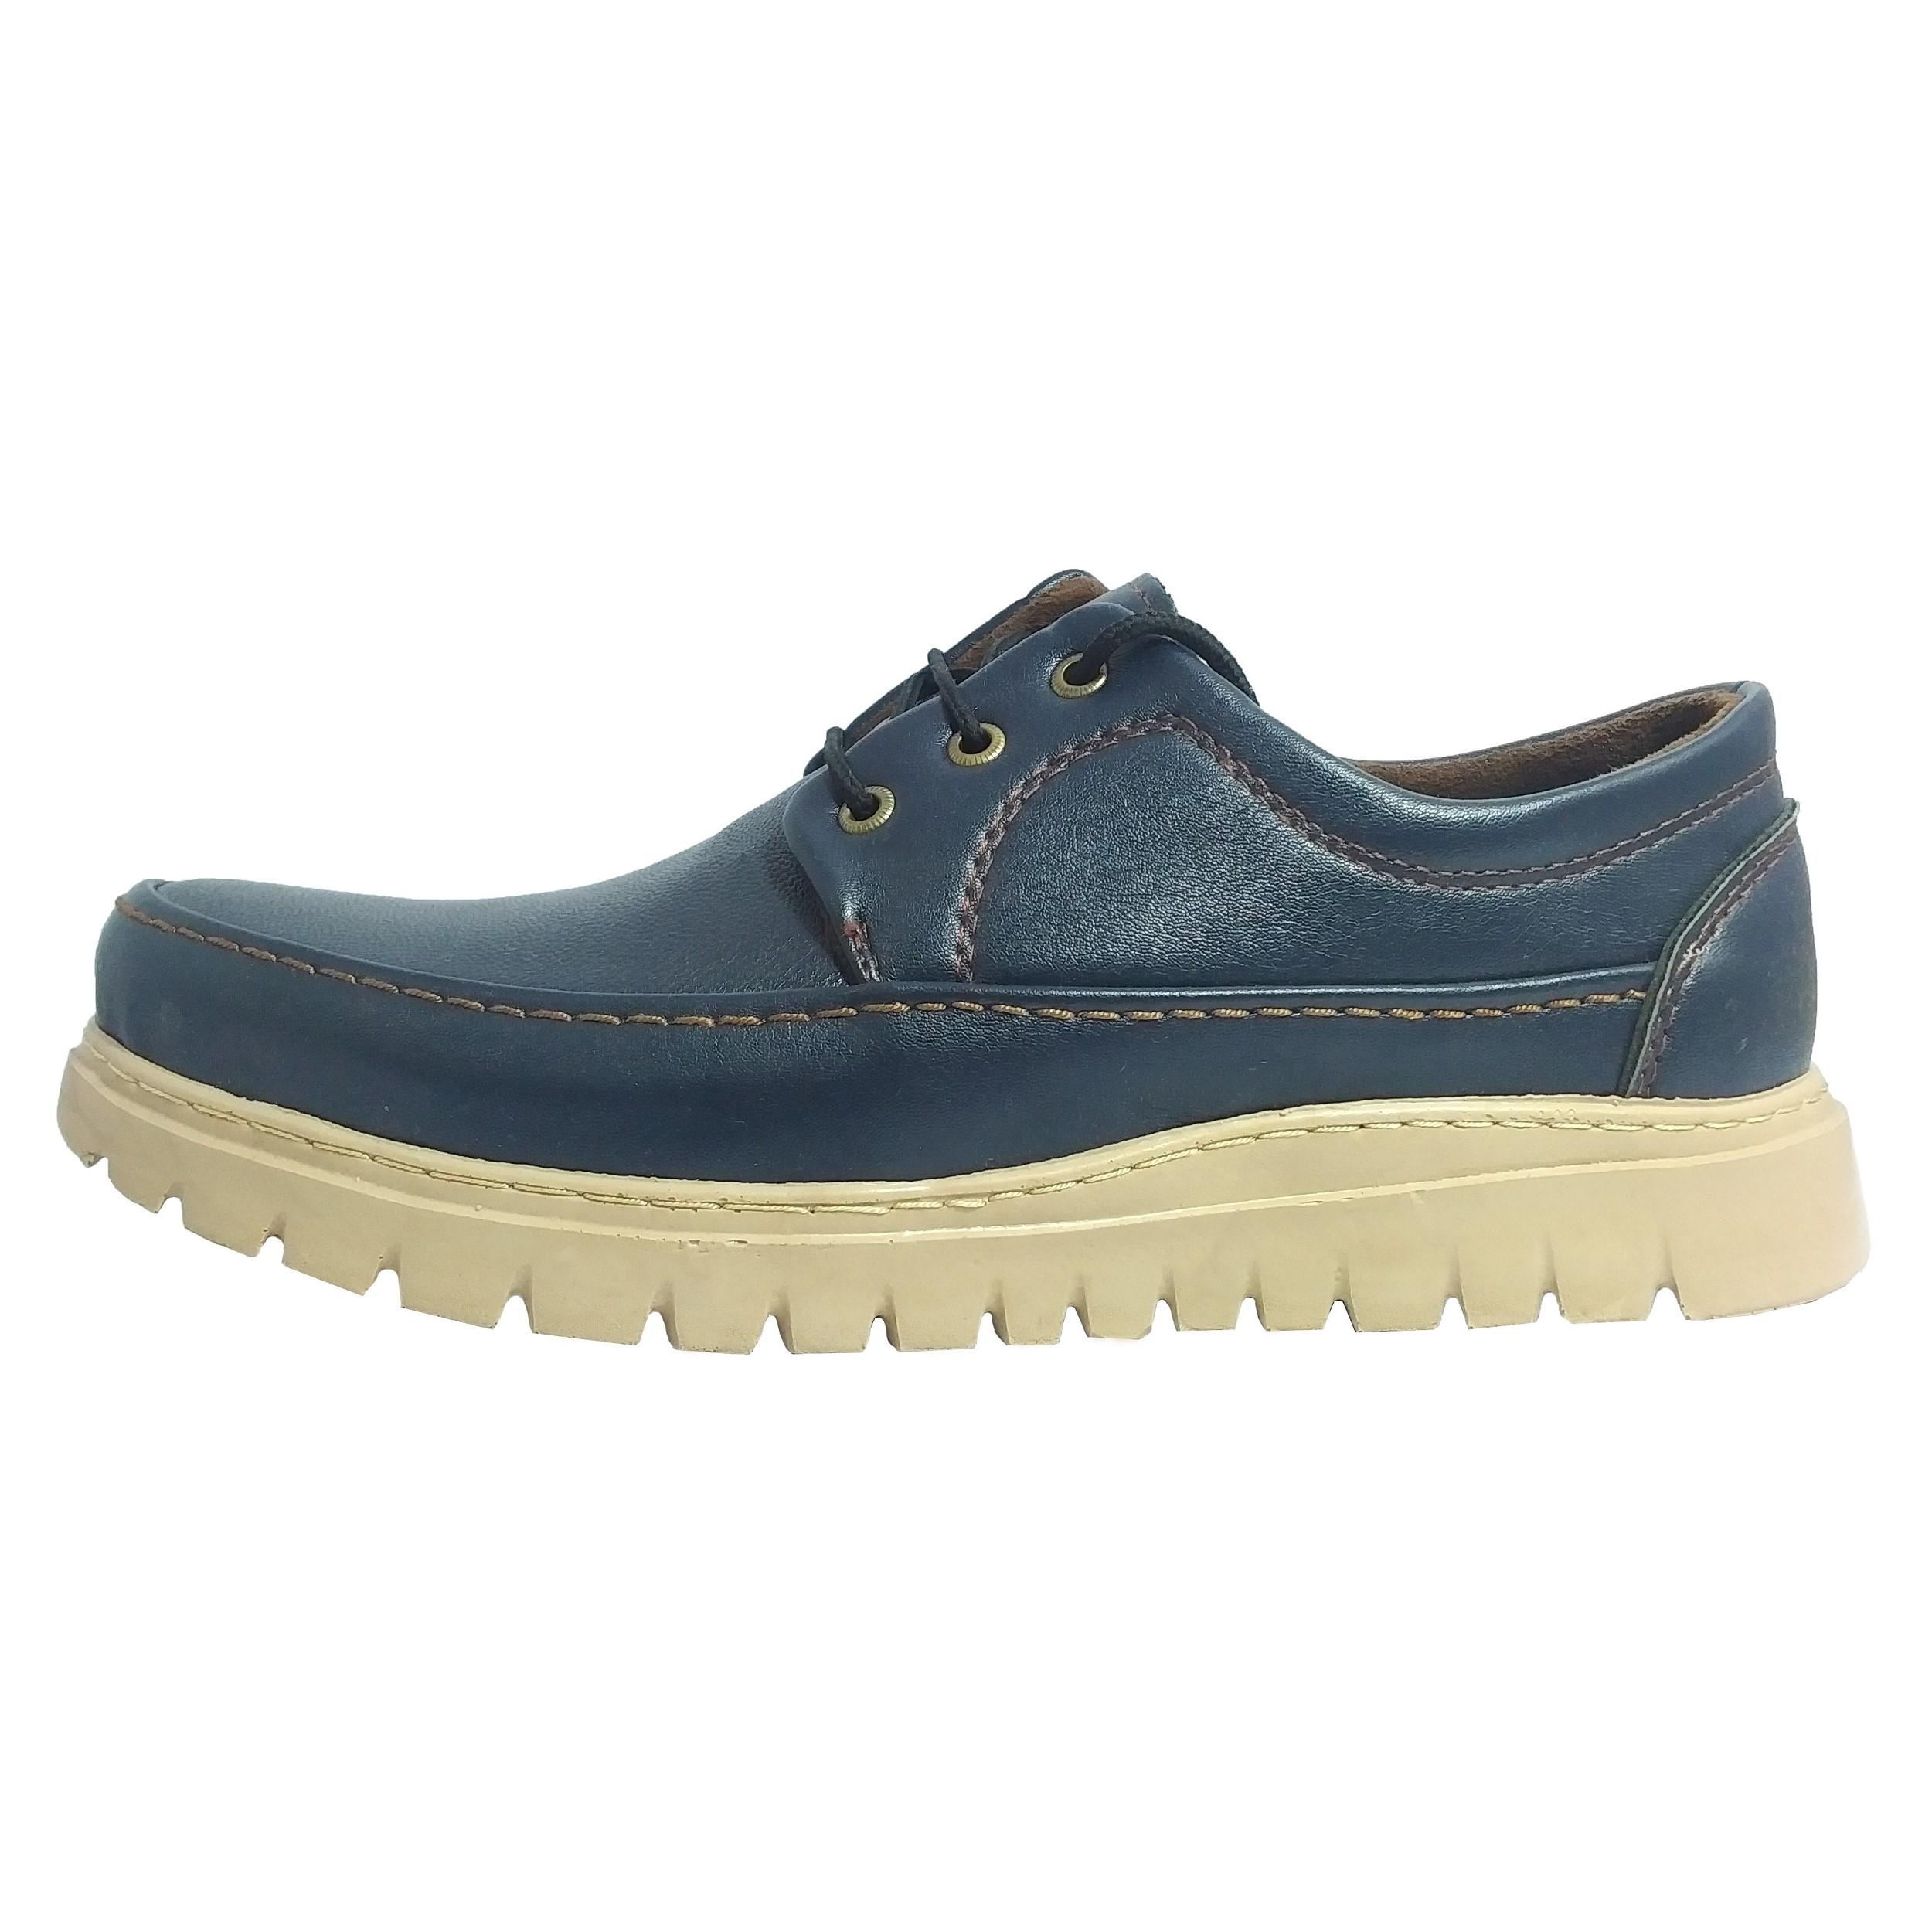 کفش مردانه مدل اریکا کد AHA13-2 رنگ سرمه ای